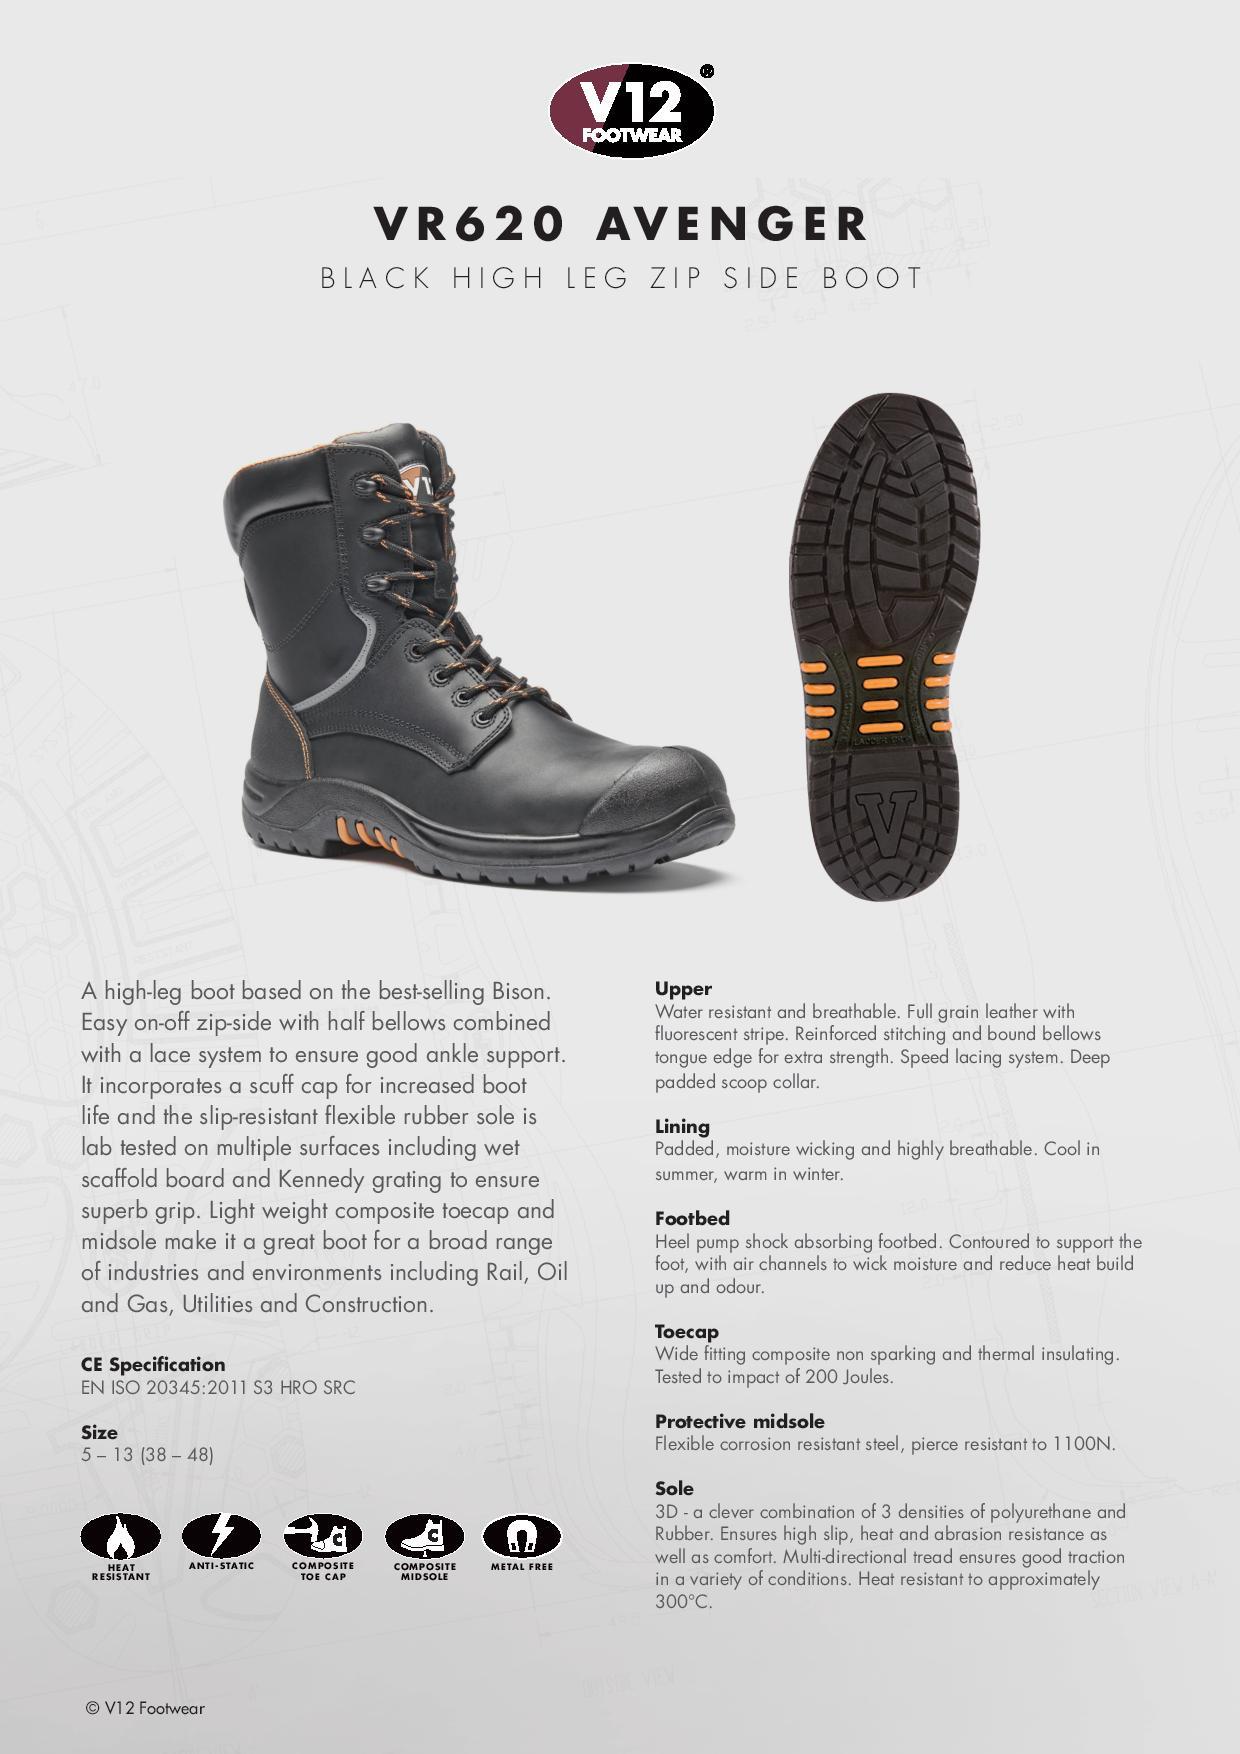 7496da9f0554 S3 HRO SRC - V12 Avenger IGS High-leg Boot - Conforms to EN ISO ...